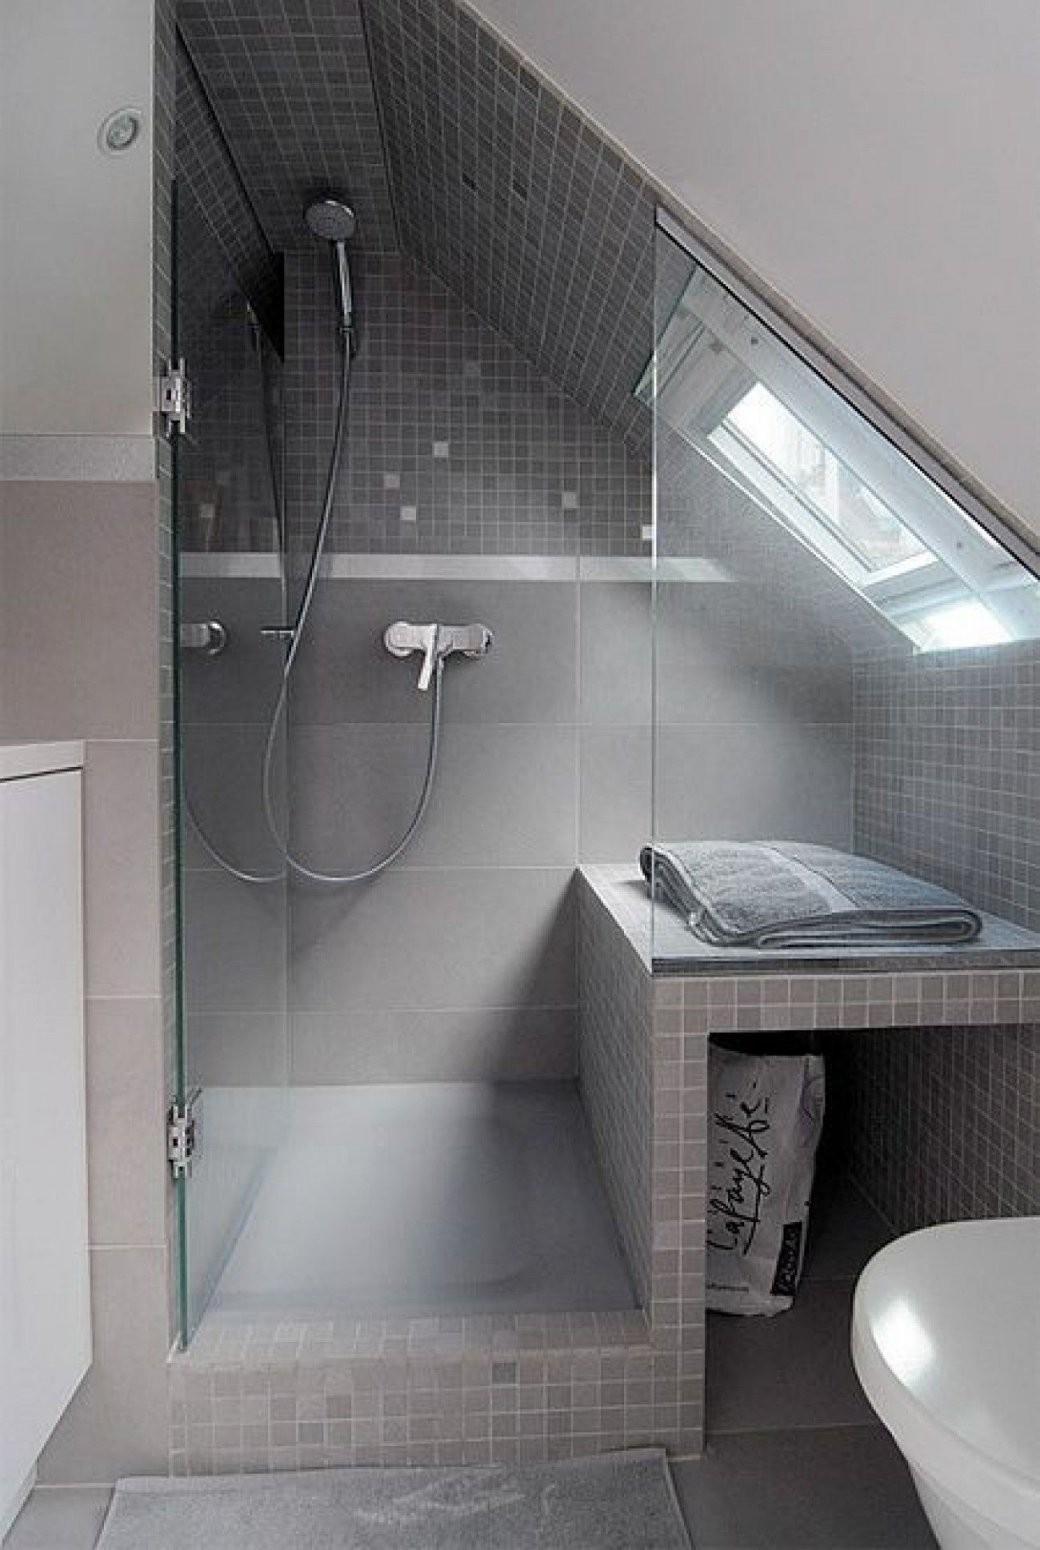 Klasse Einteilung Für Ein Kleines Badezimmer Mit Dachschräge von Bad Mit Dachschräge Planen Bild